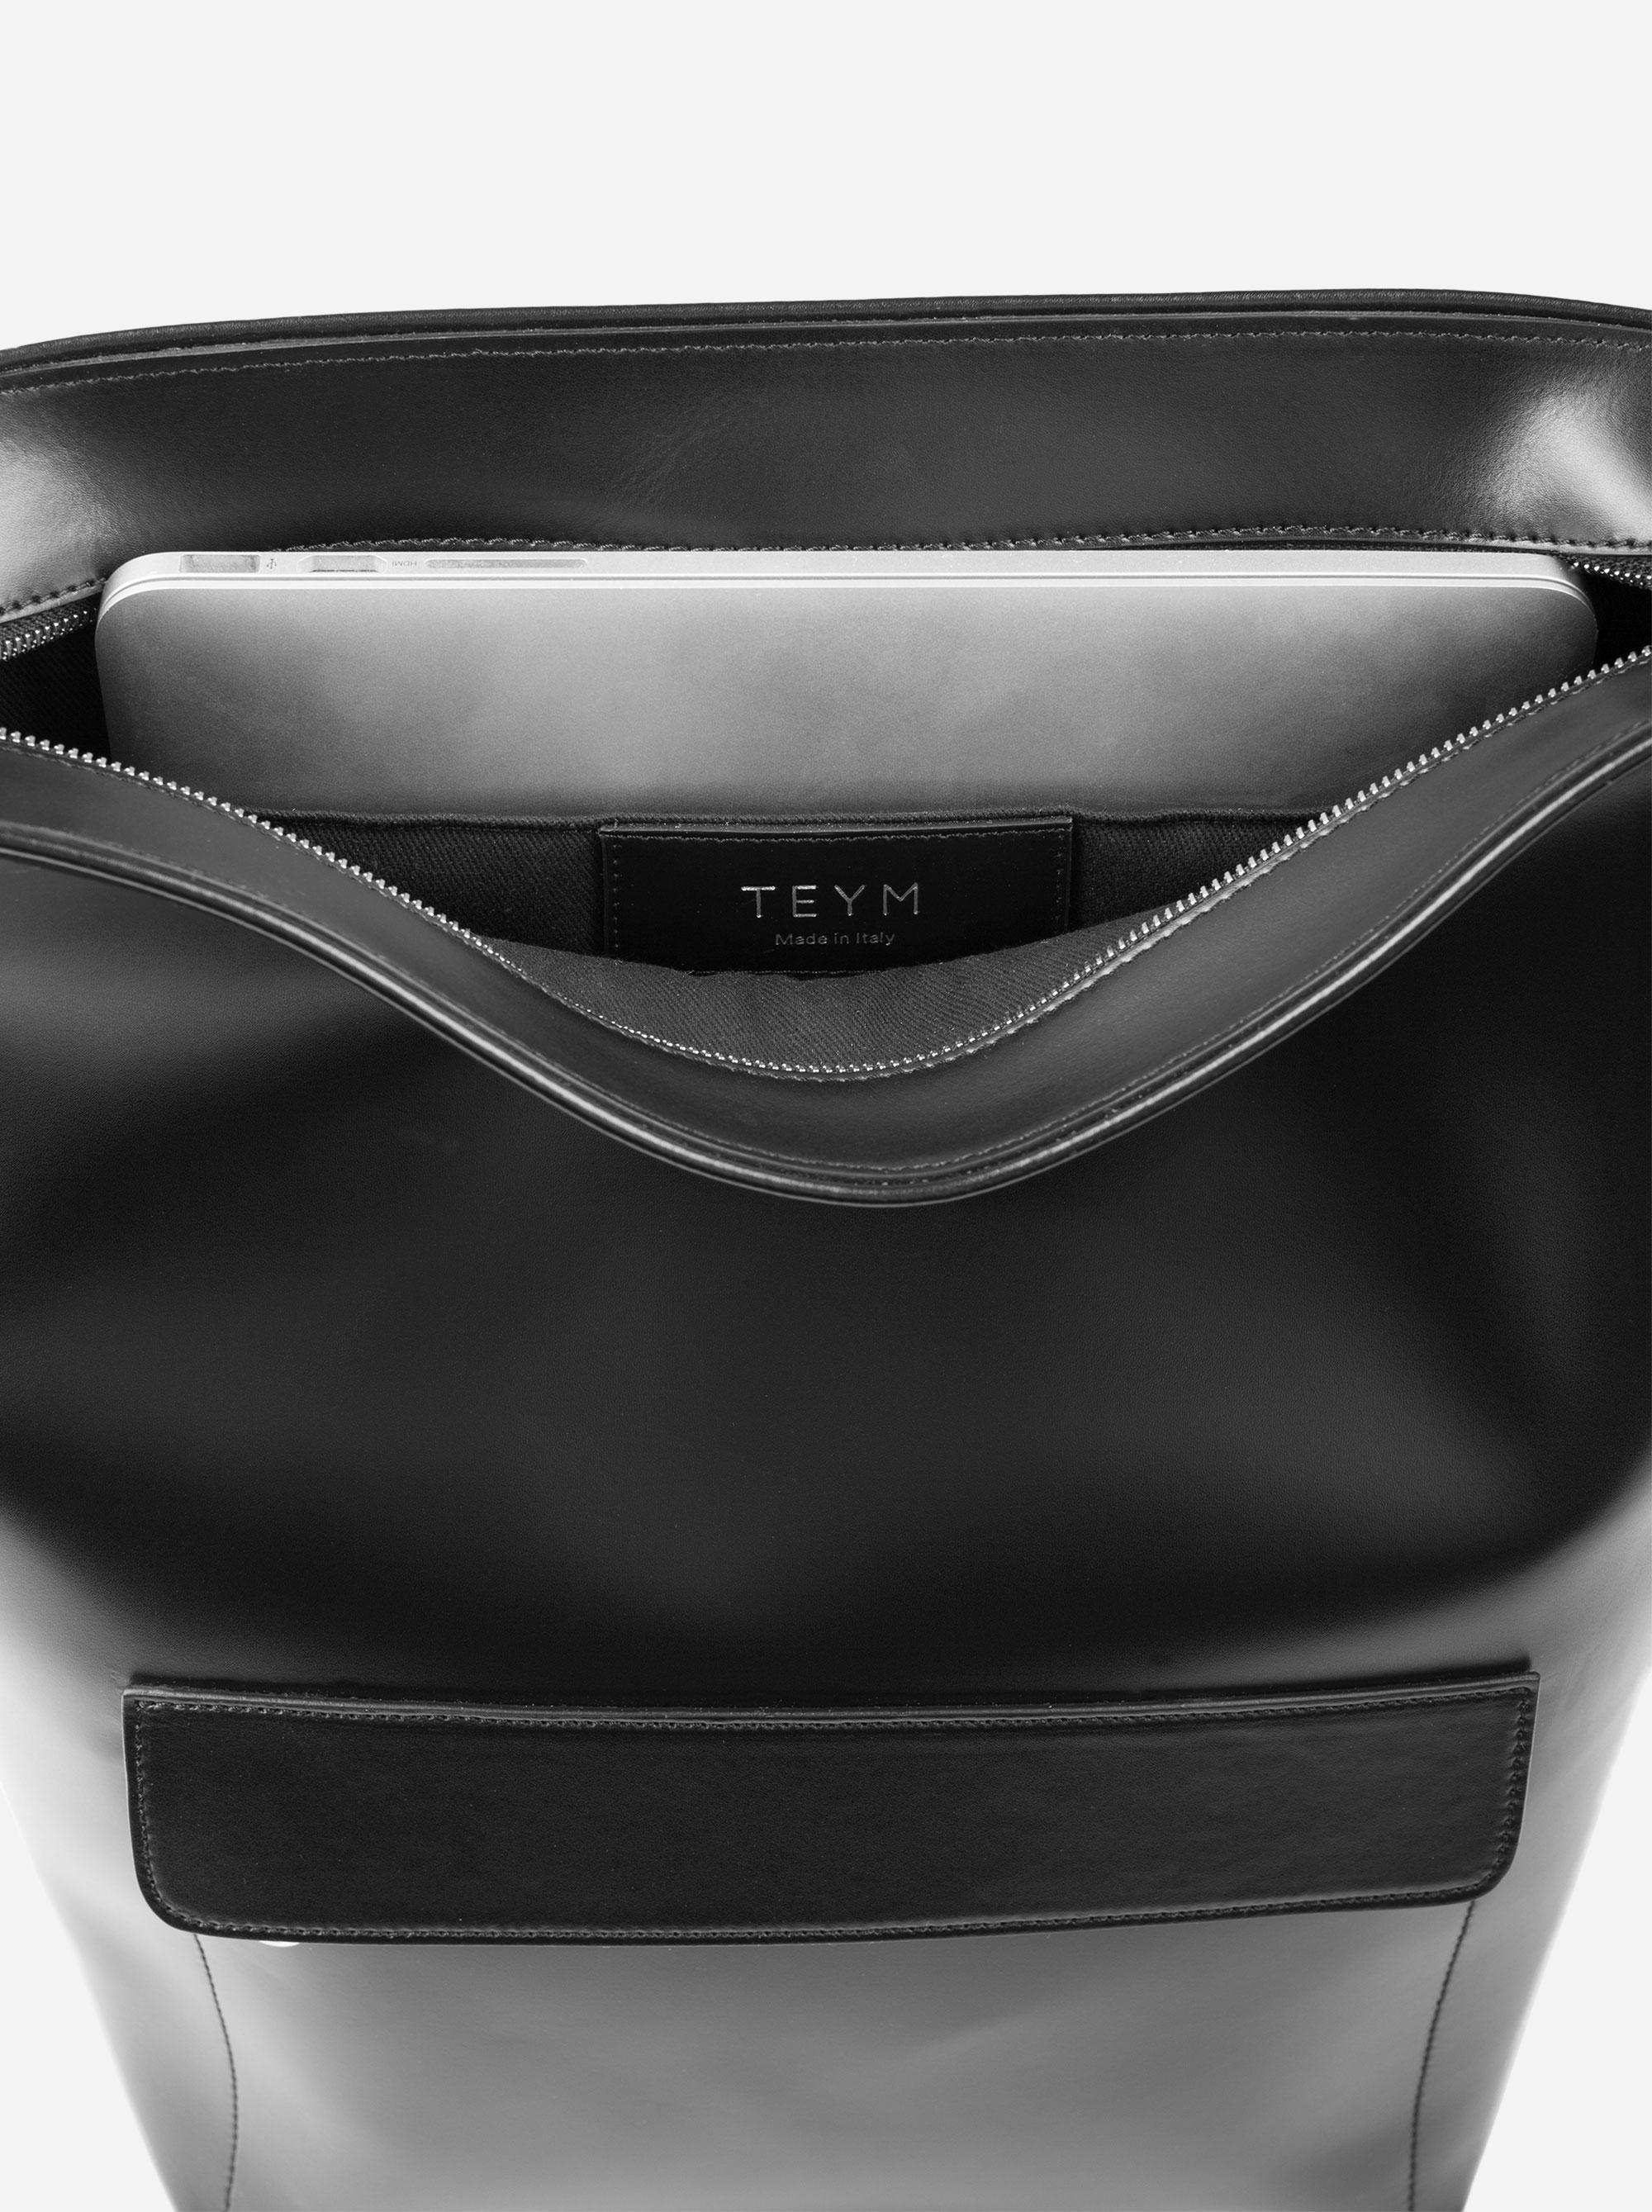 Teym - The Shoulder Bag - Black - 3